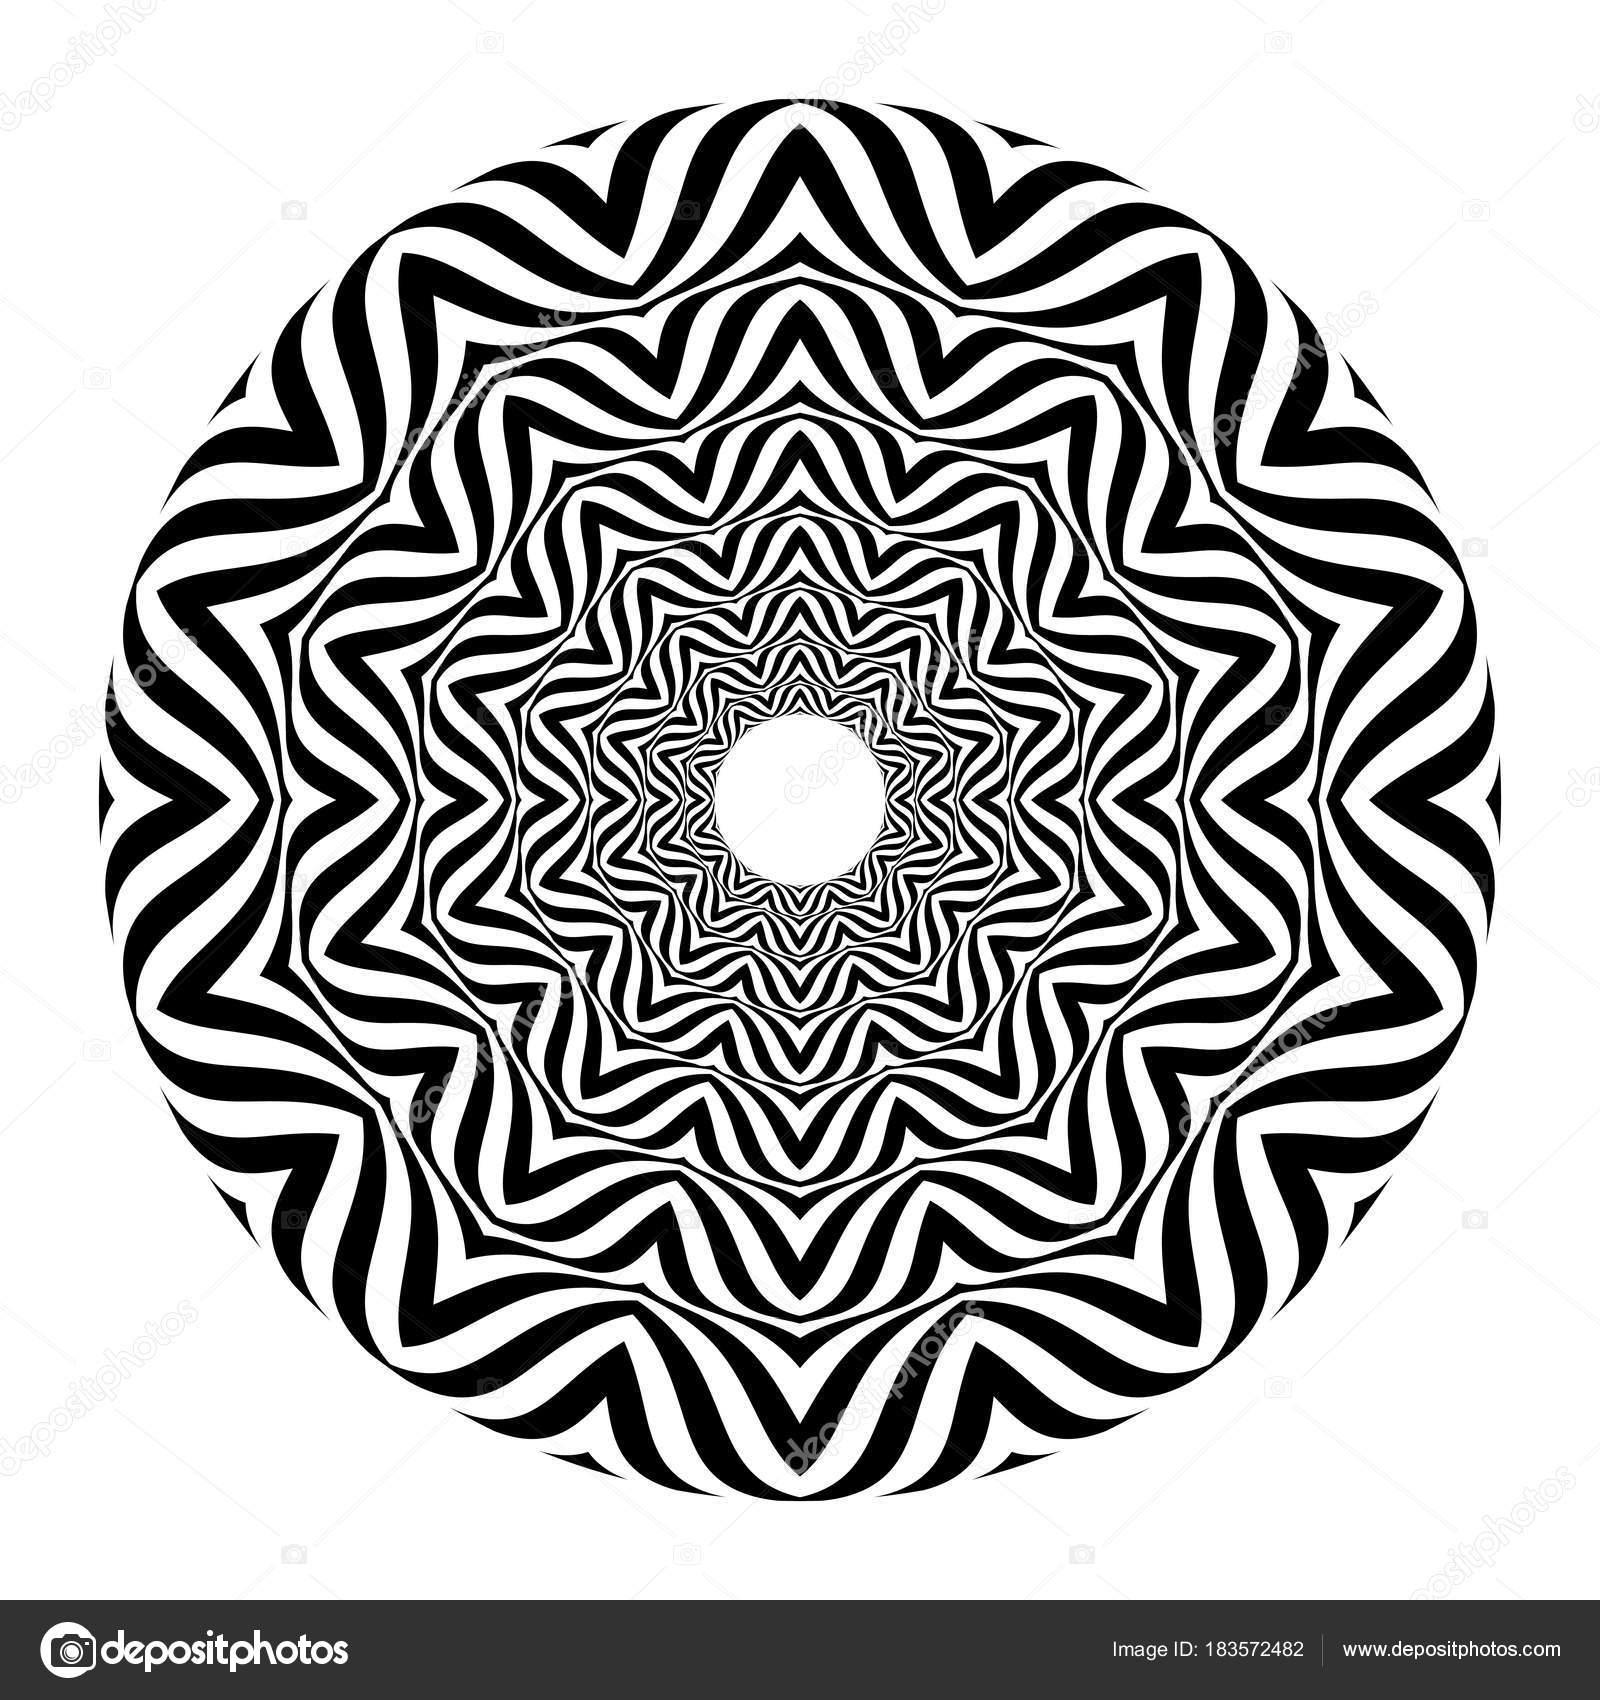 Extreem op-art style - zwart-wit abstracte optische illusie — Stockvector #DM66